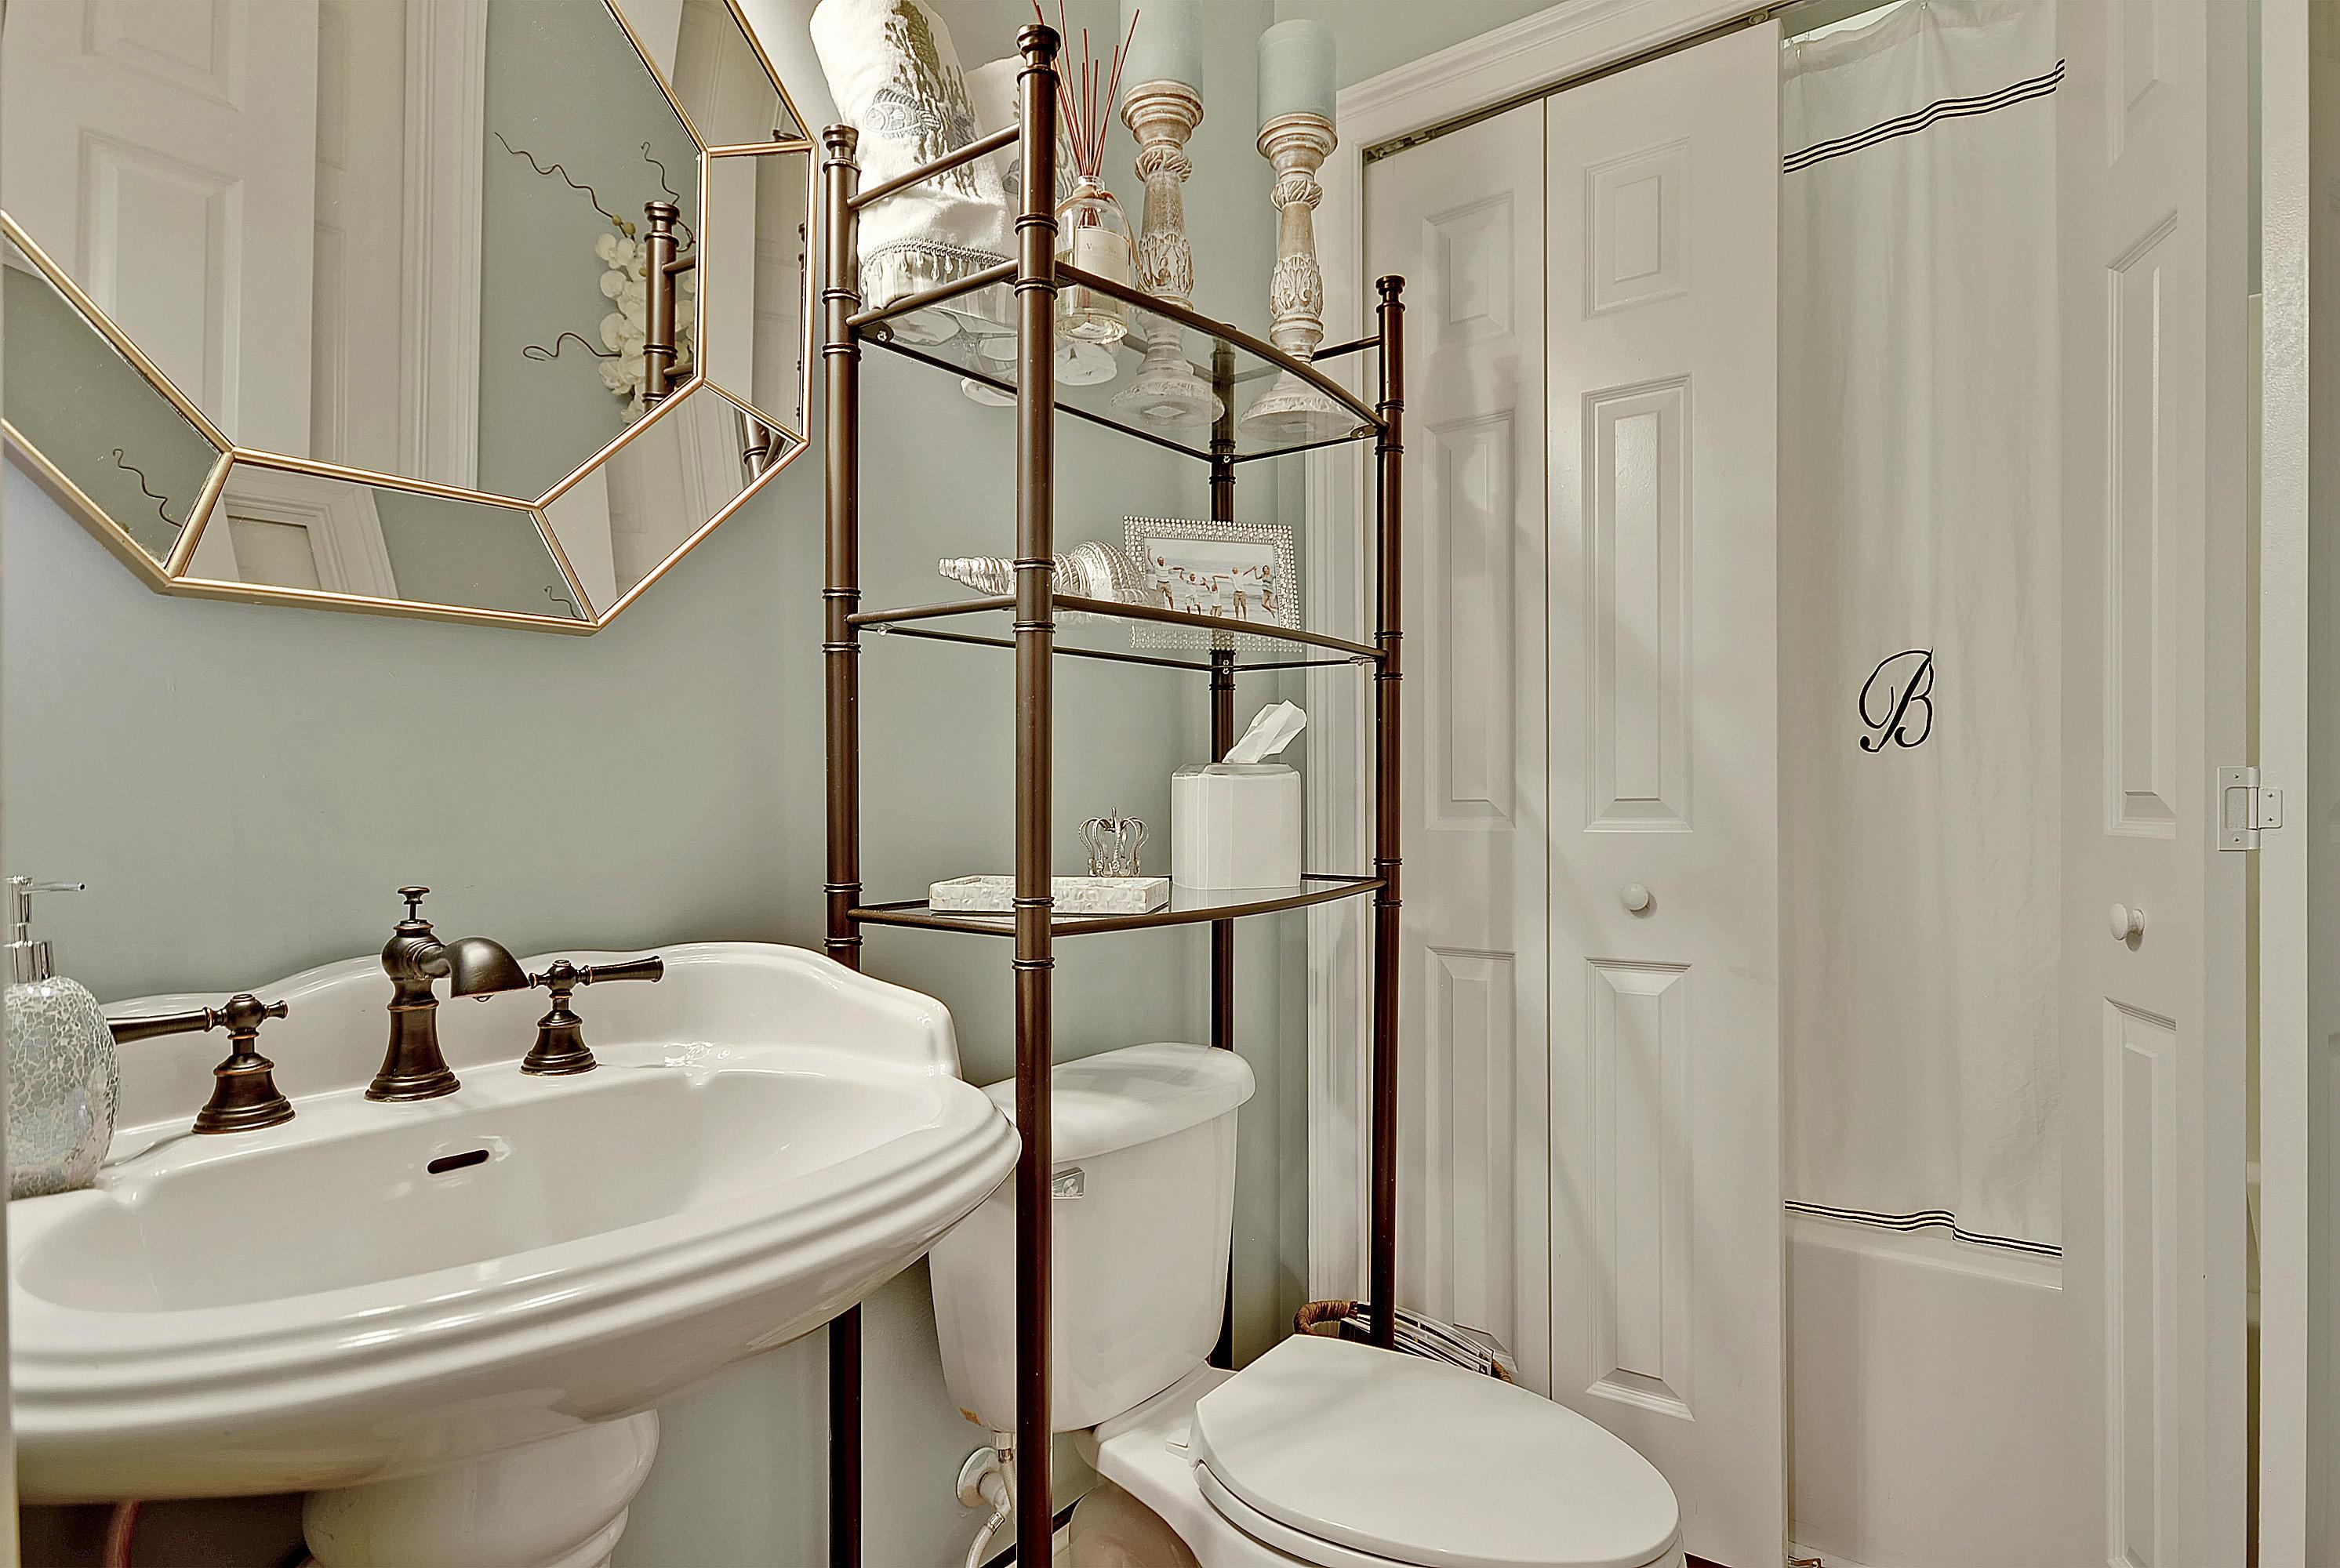 Dunes West Homes For Sale - 2708 Oak Manor, Mount Pleasant, SC - 14